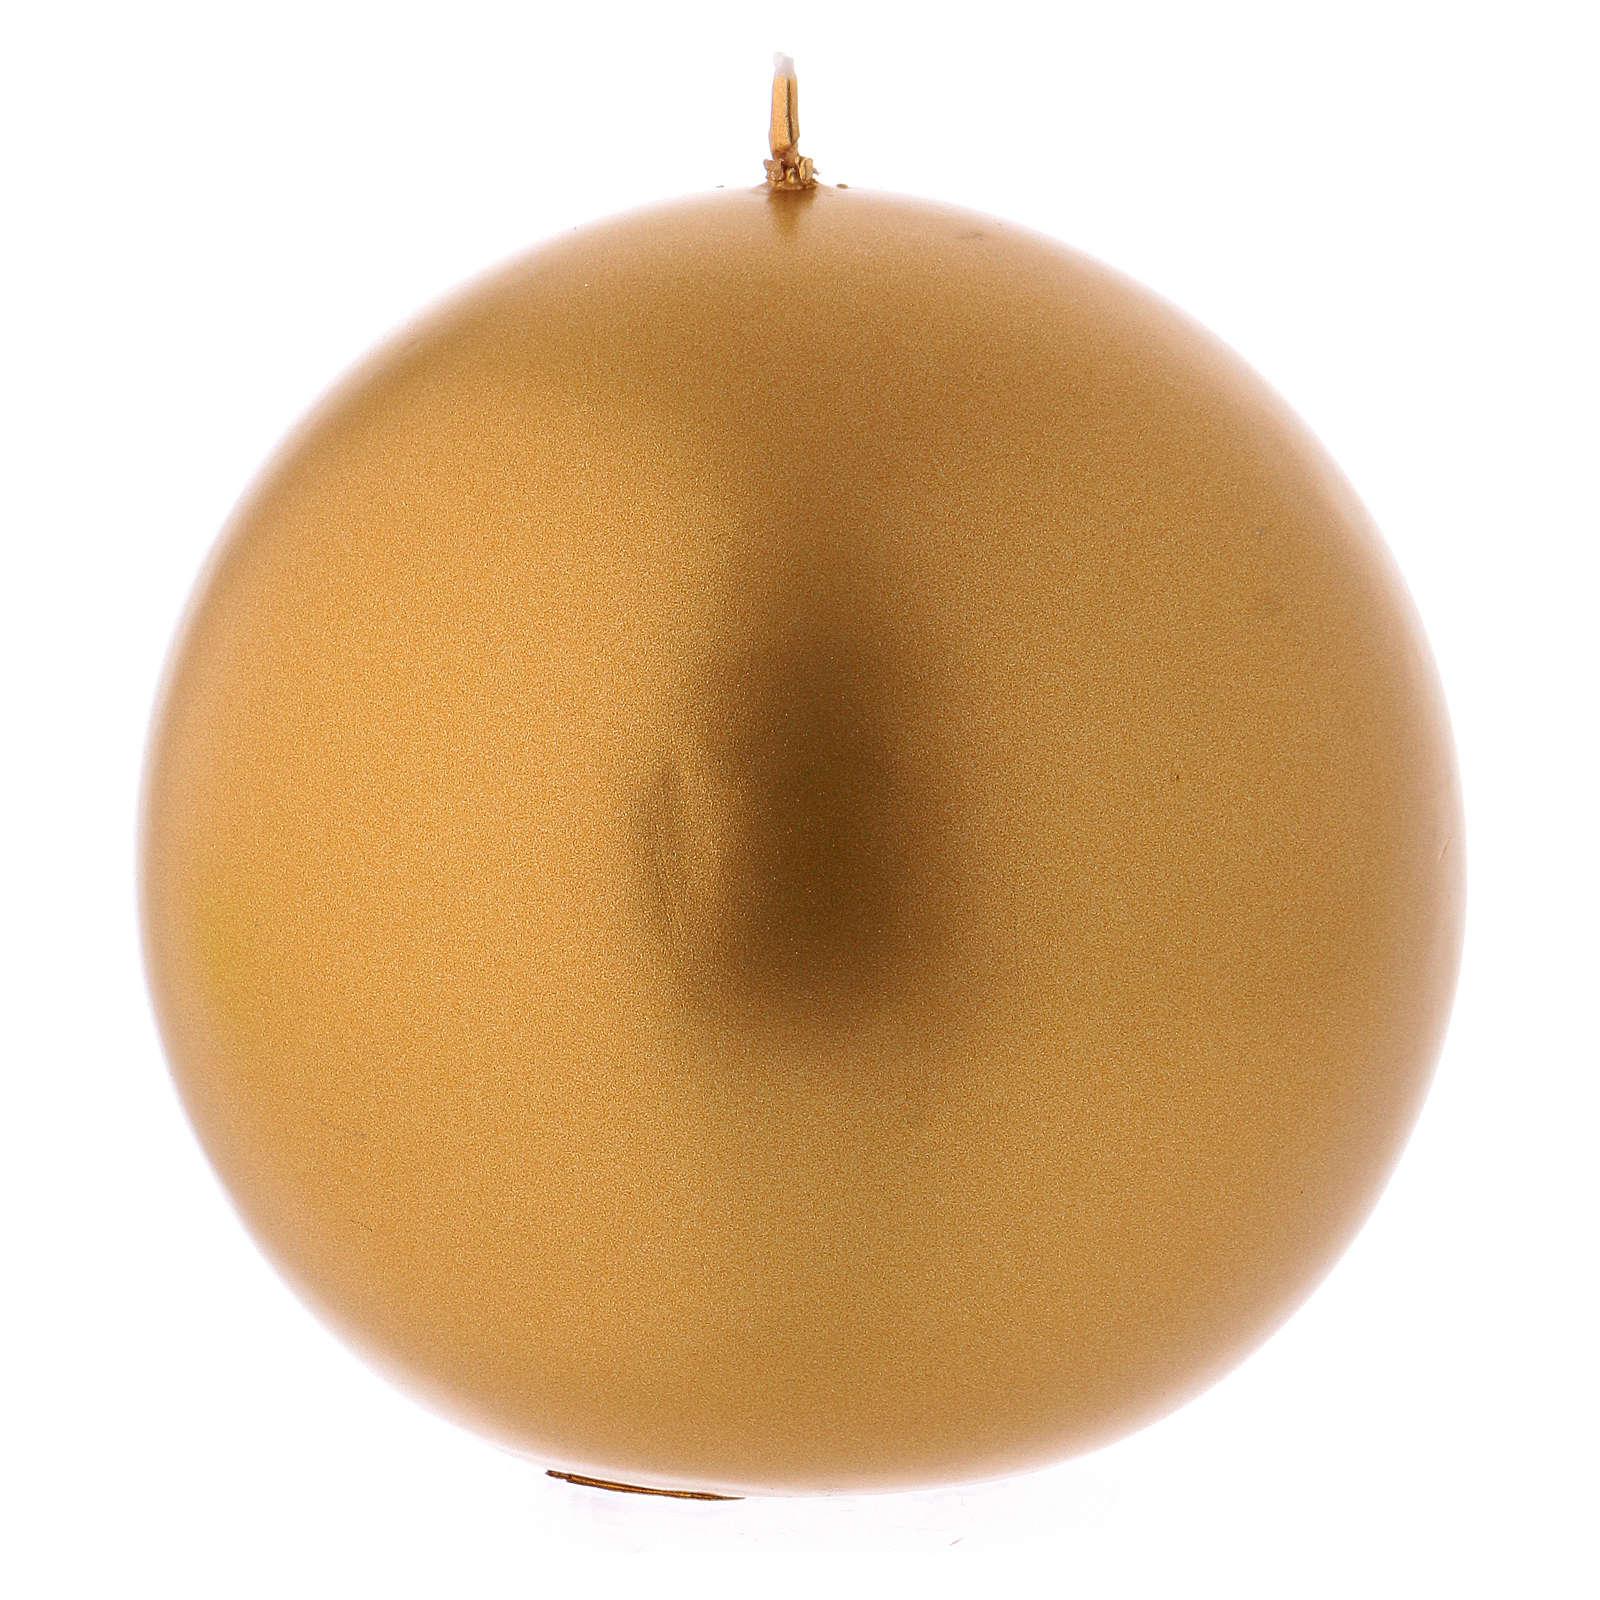 Świeca bożonarodzeniowa Kula błyszcząca Ceralacca Złoty śr. 10 cm 3